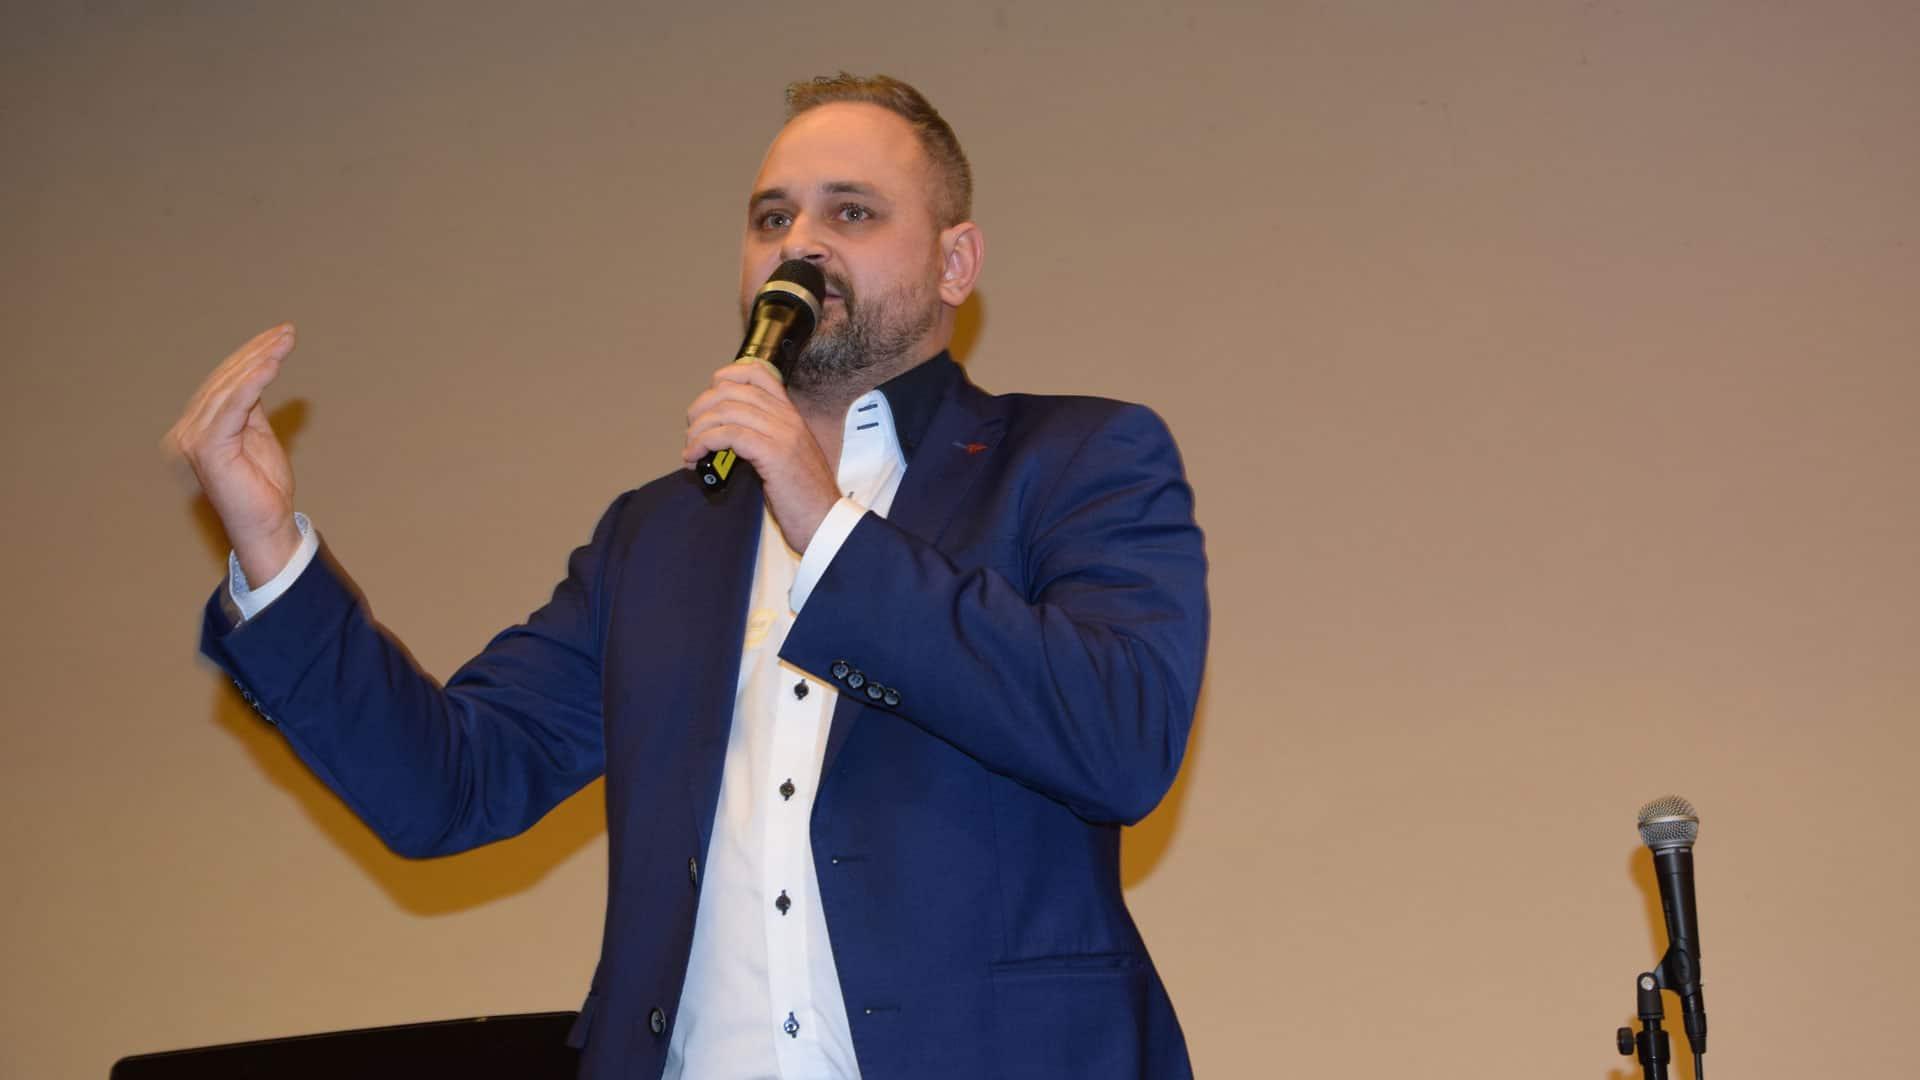 Tobias Essinger führt die Produktionsfirma E-Productions. Er arbeitete bereits für das ZDF und den SWR. (Archivbild)